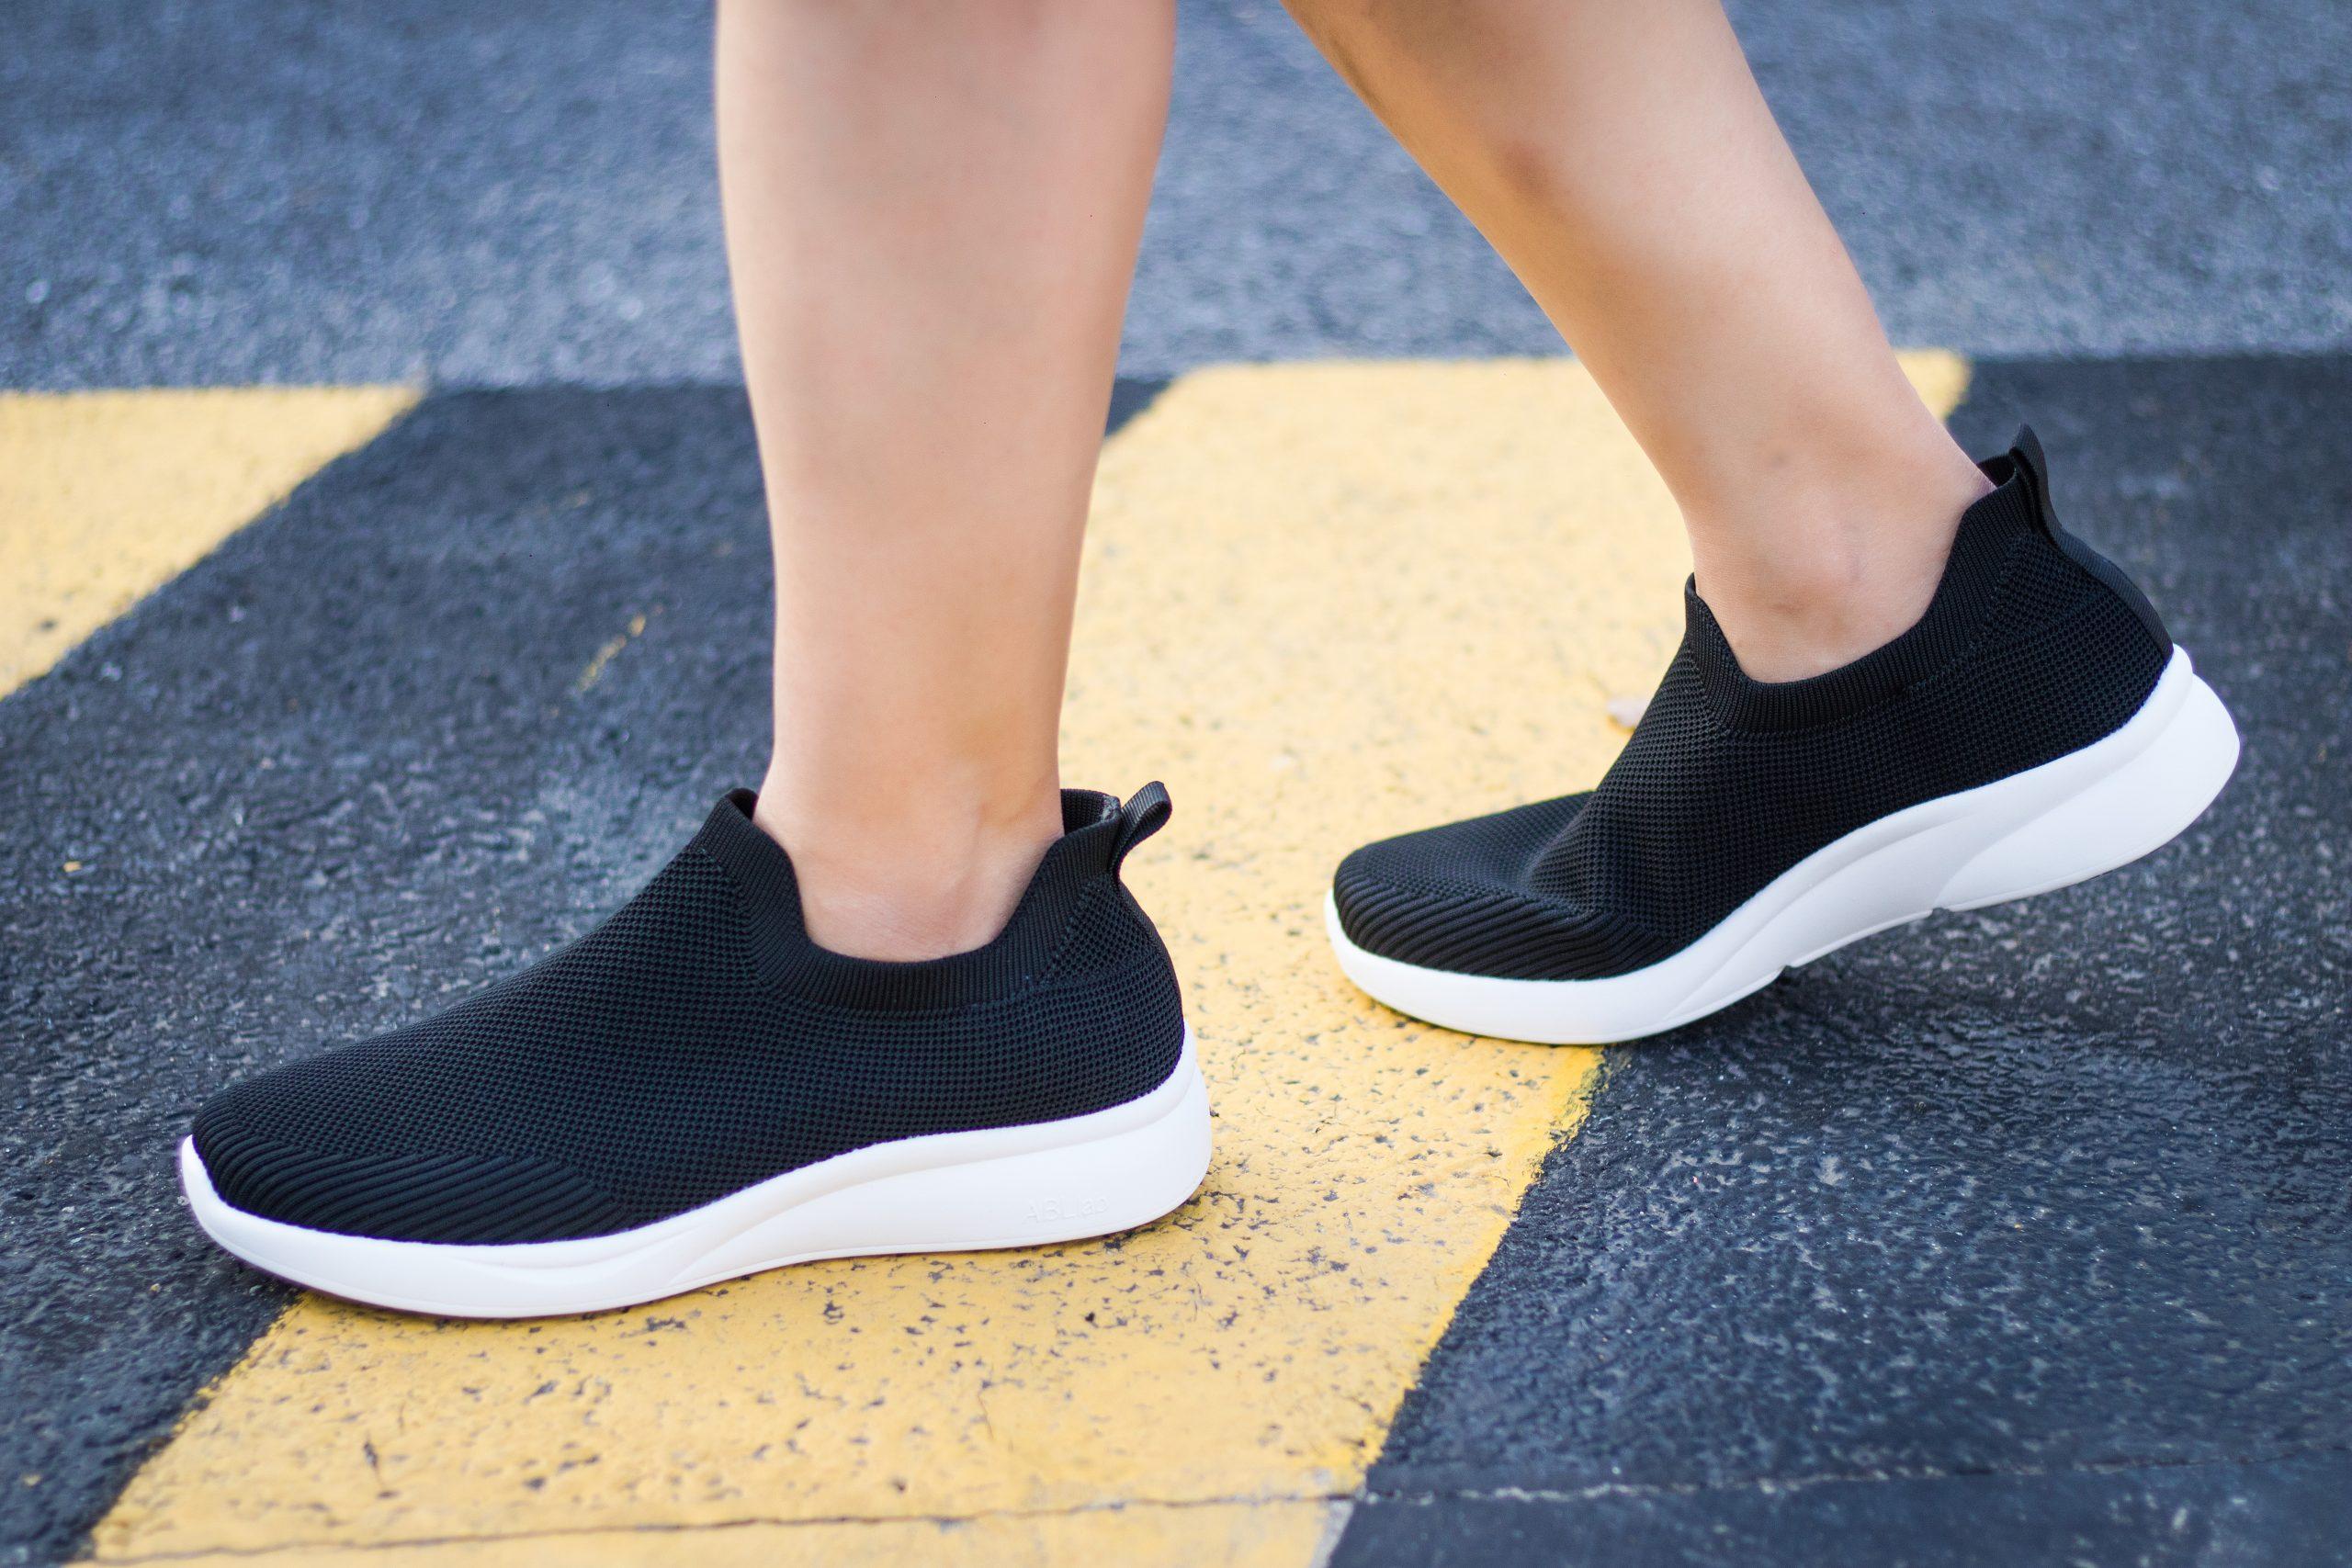 The Newest Development in Anti-Slip Footwear